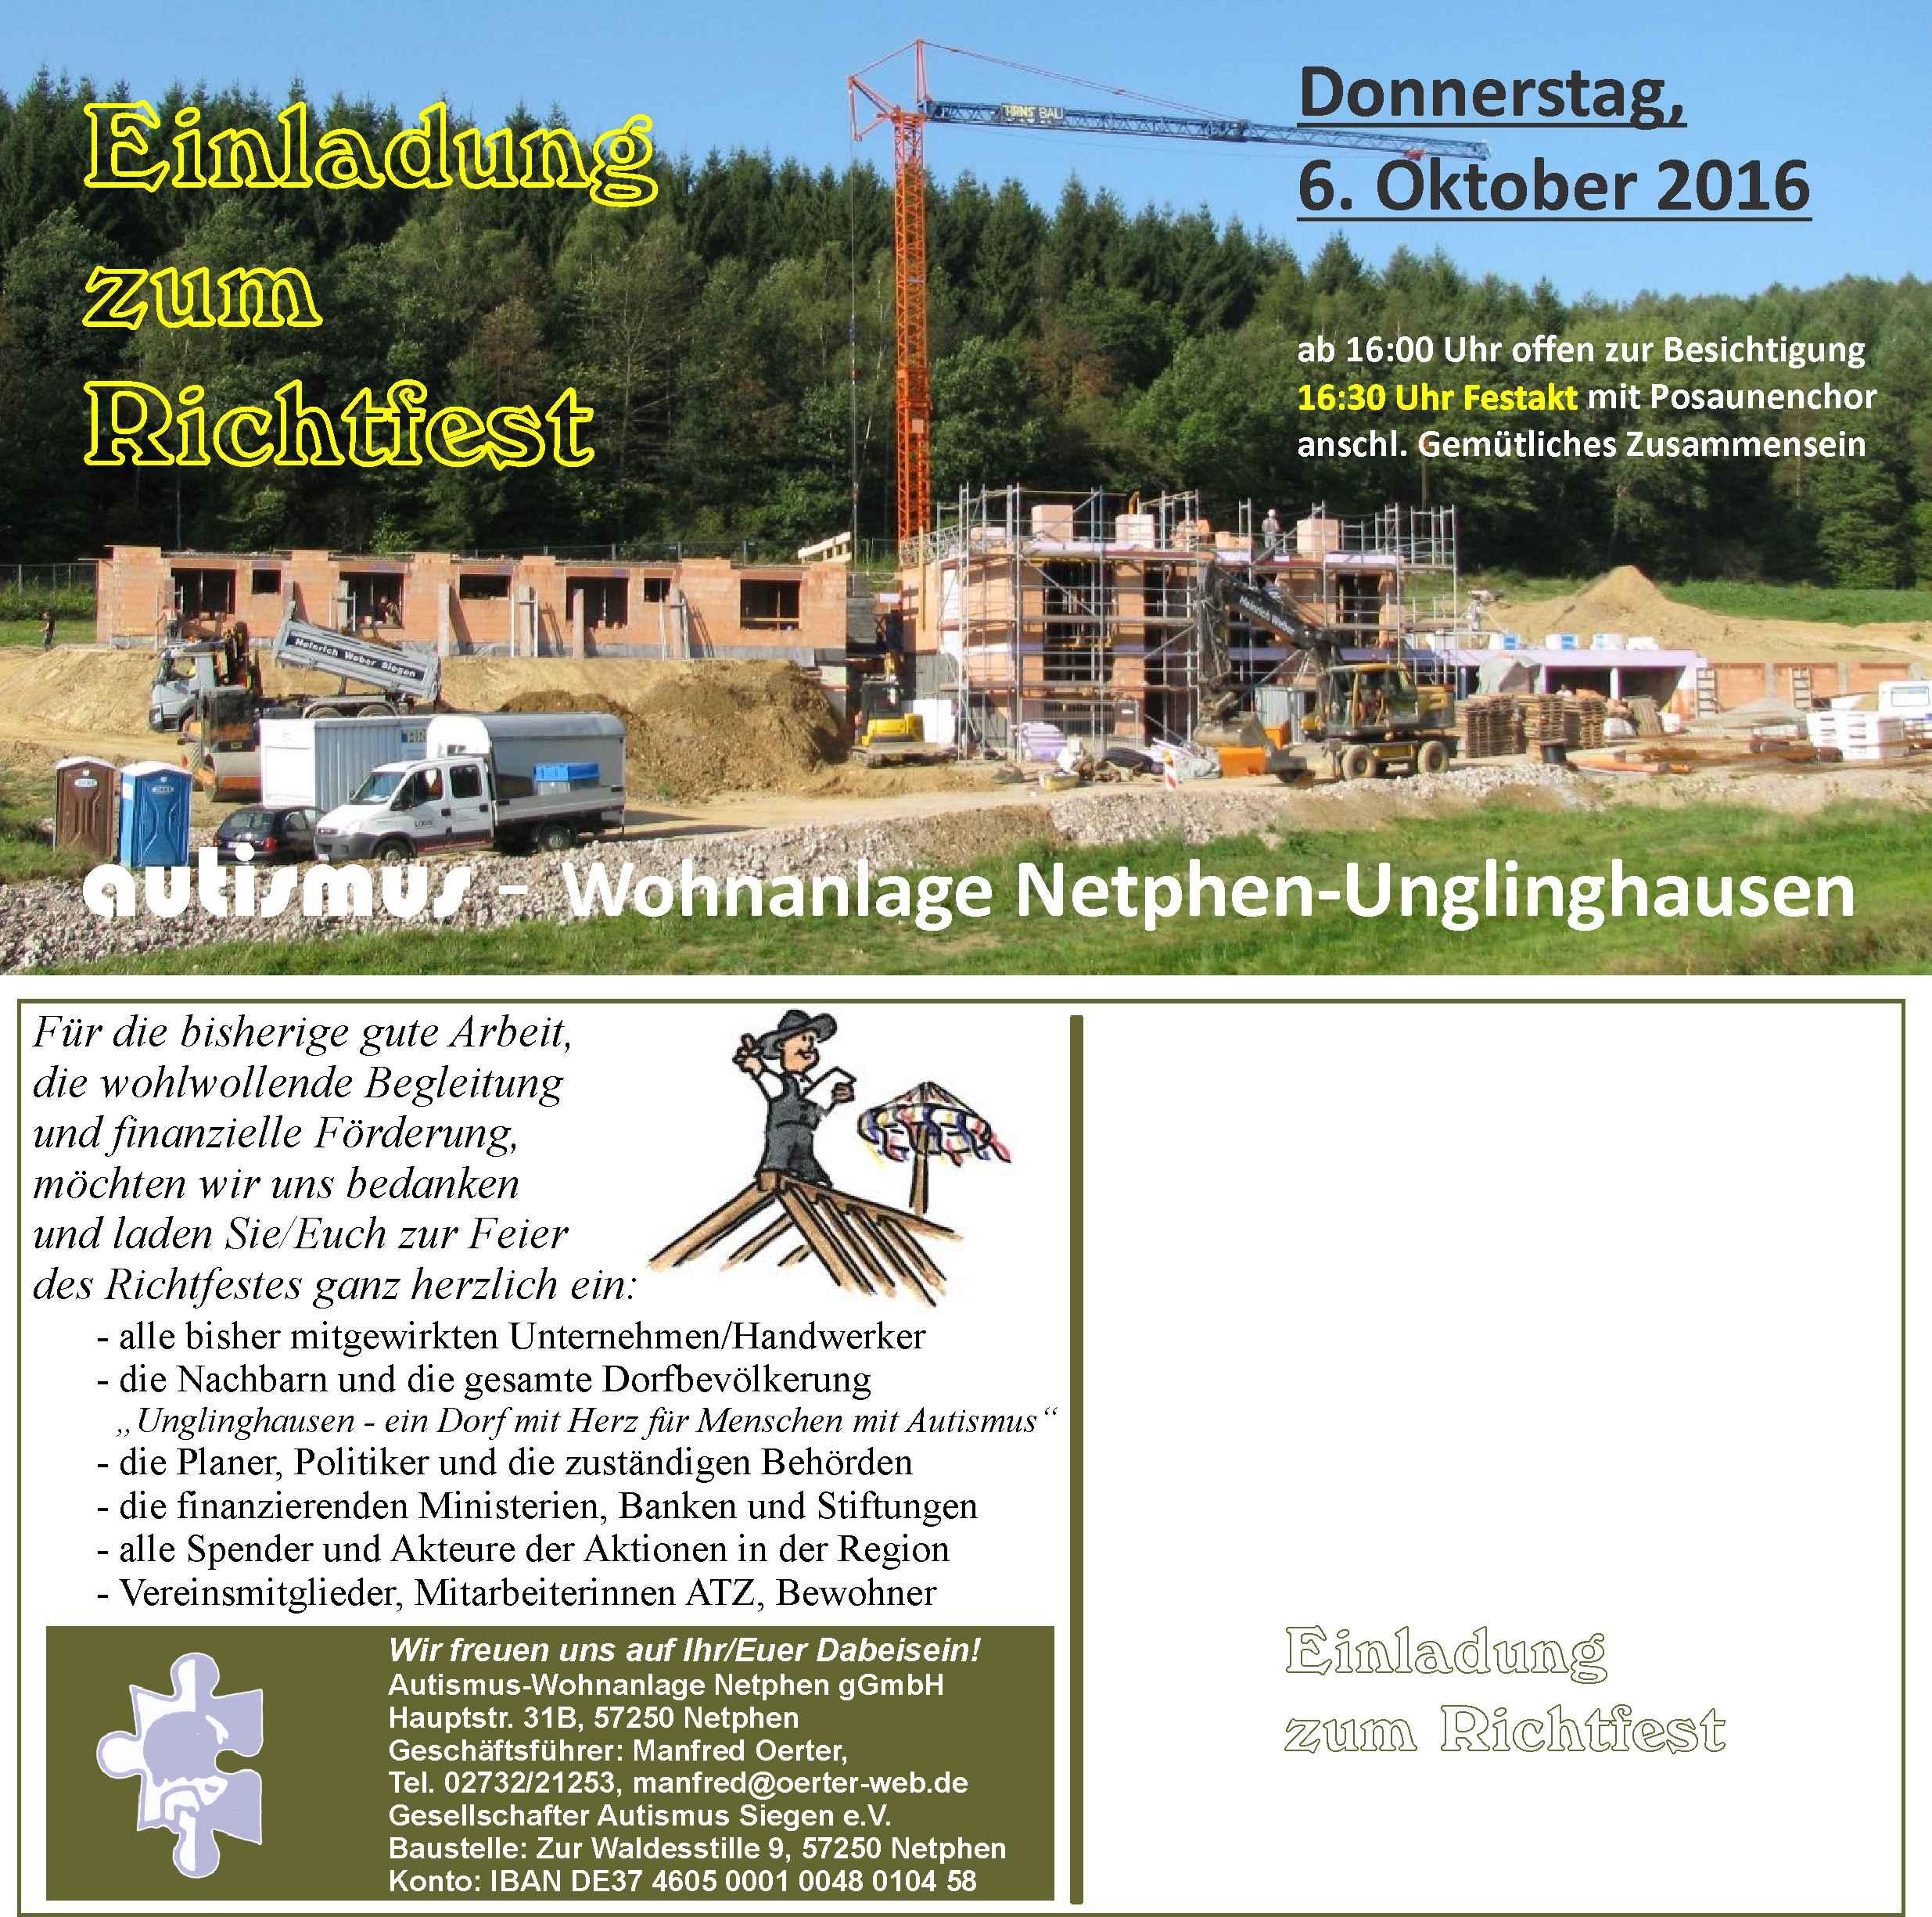 einladung zum richtfest … | unglinghausen.de, Einladung